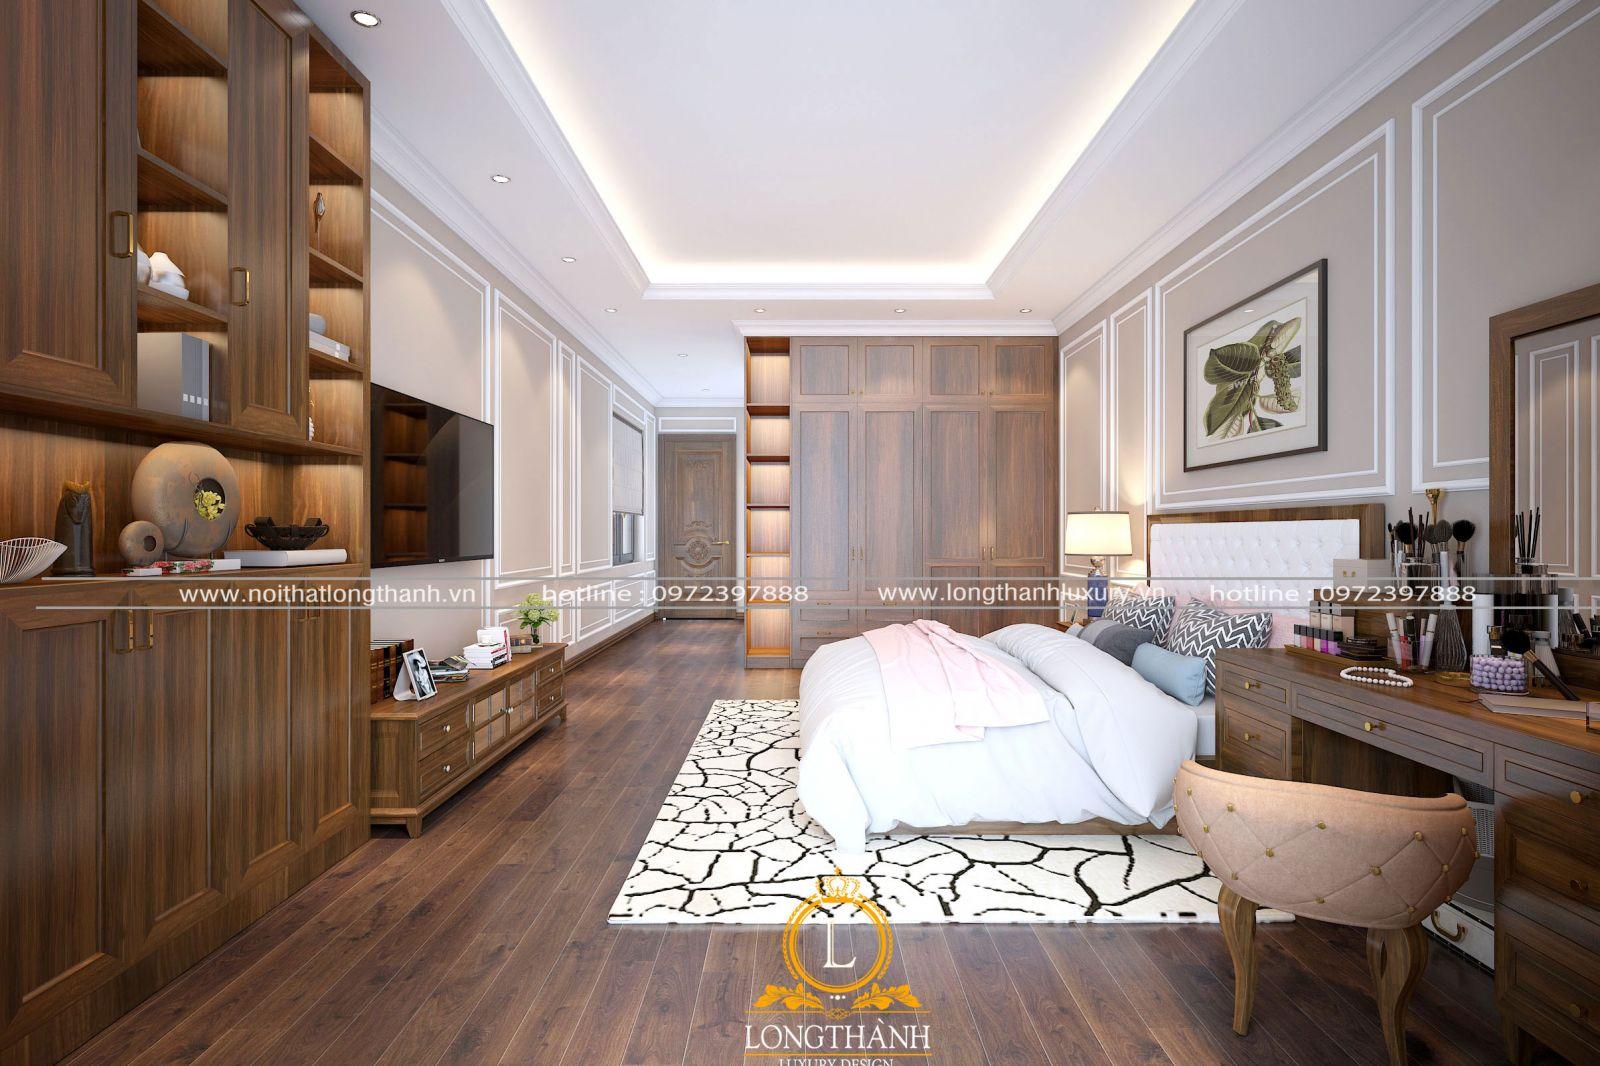 Không gian phòng ngủ nhà ống theo phong cách tân cổ điển